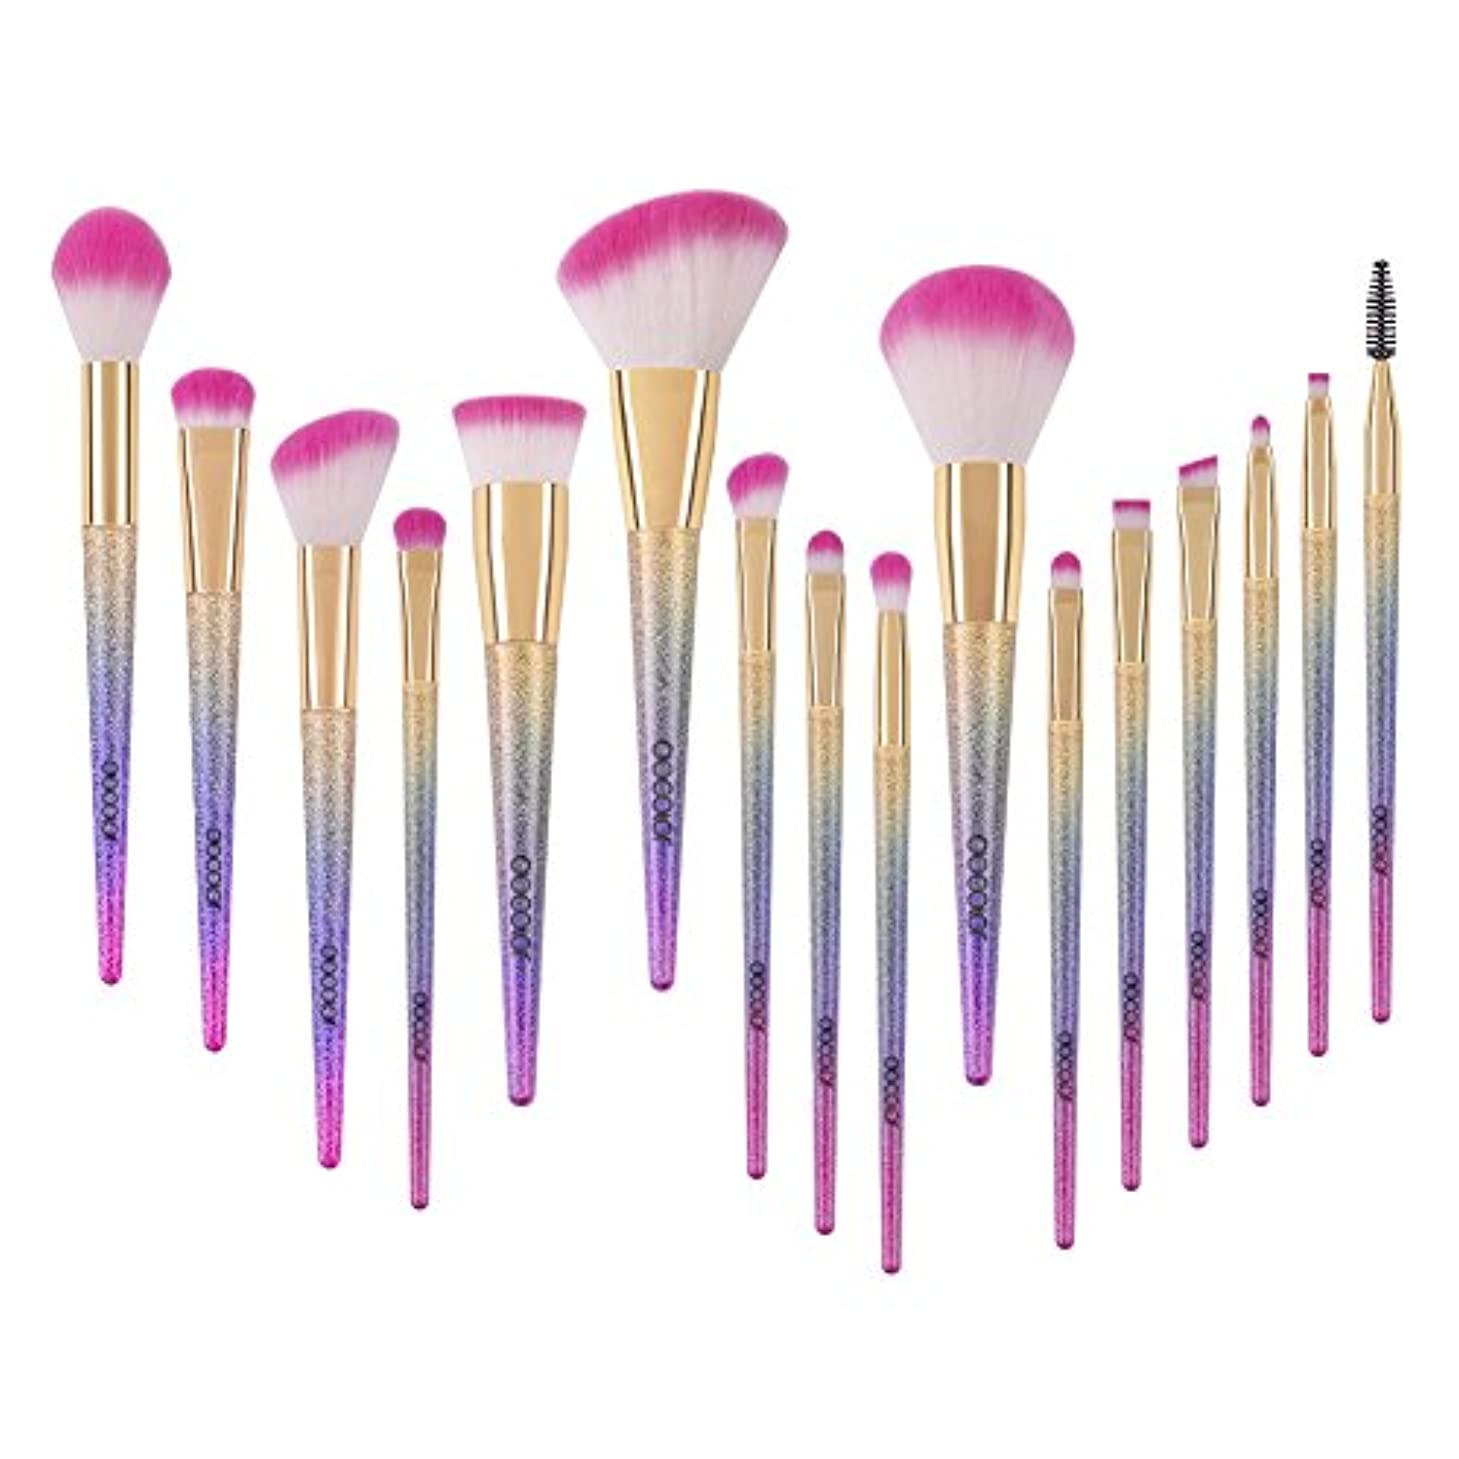 かりてブランクトランスミッションDocolor ドゥカラー 化粧筆 メイクブラシ 16本セット 欧米で大ブーム中のレインボーブラシ